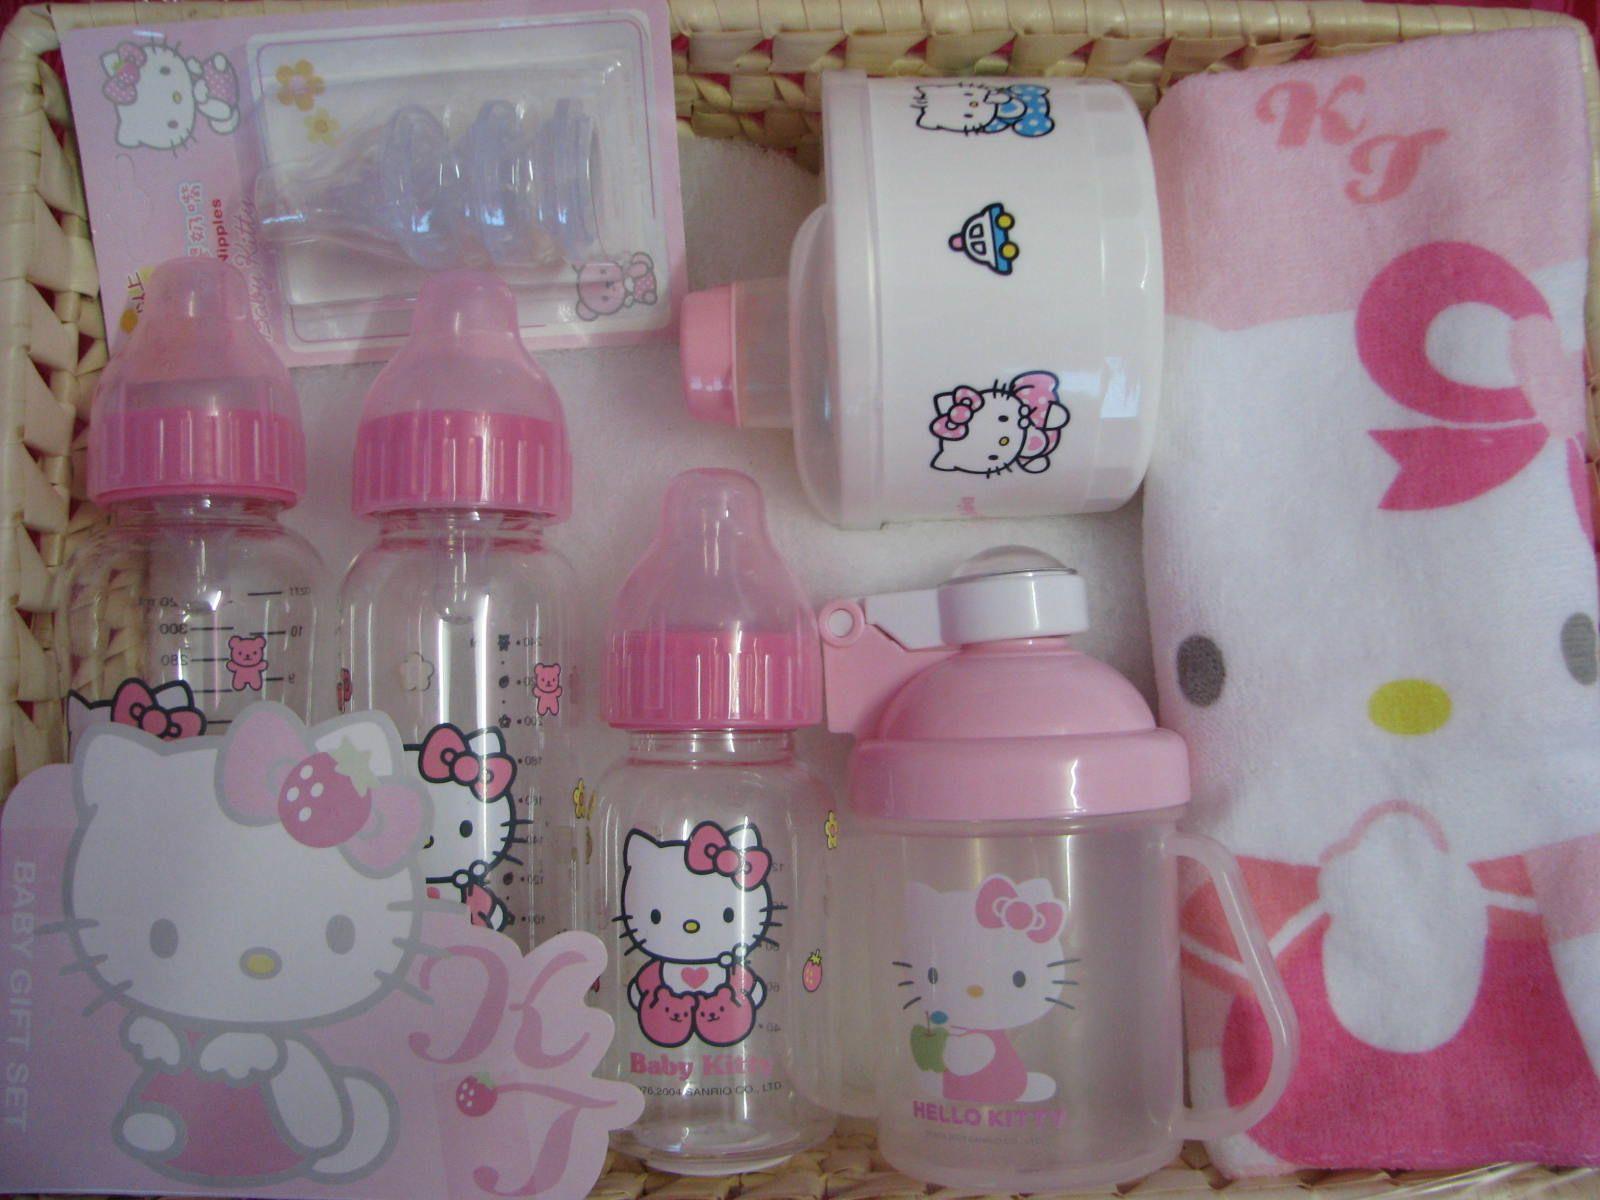 Hello kitty bedroom for baby - Photo Via Hello Kitty Babyhello